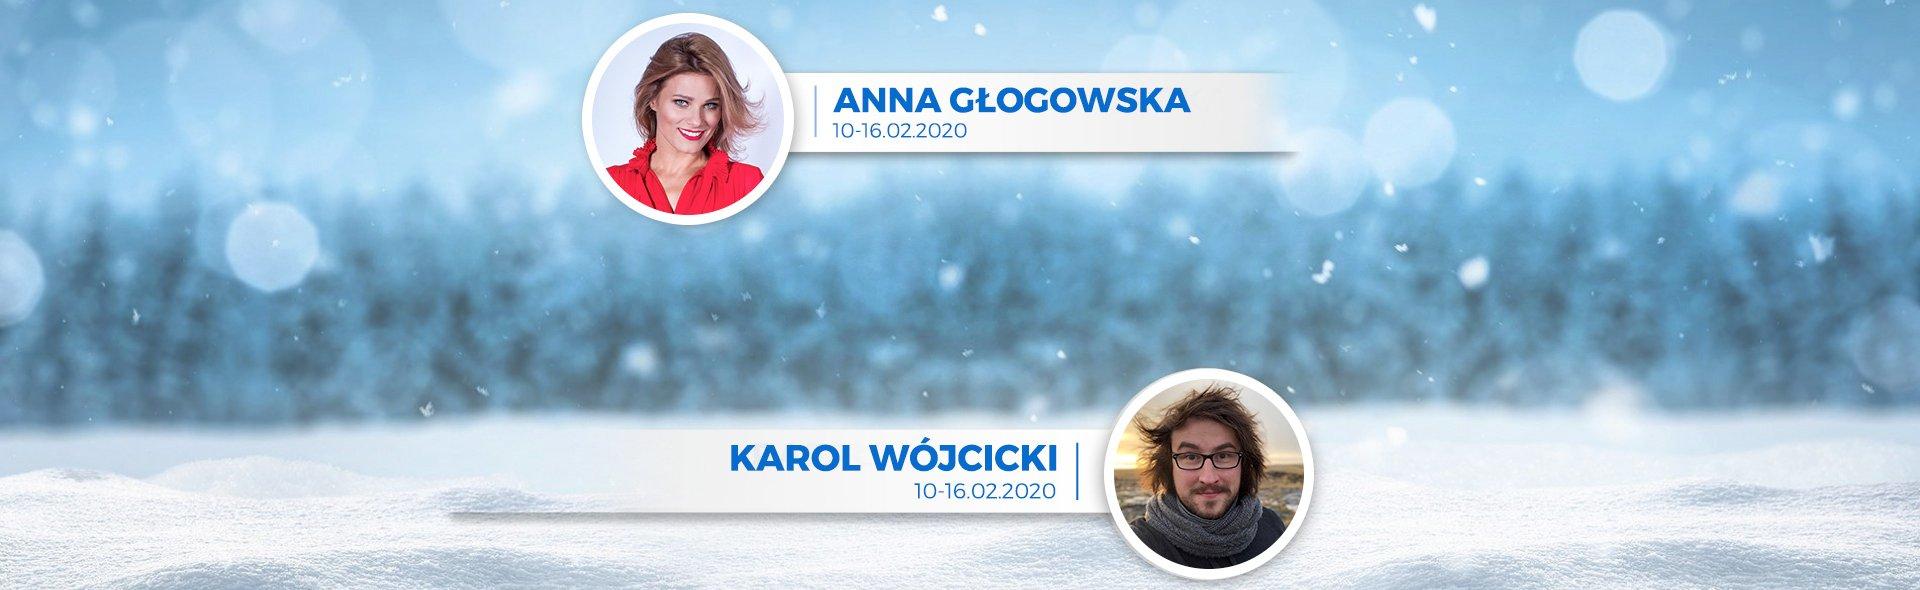 FERIE ODKRYWCÓW – V tydzień (10-16.02.2020) z Karolem Wójcickim i Anną Głogowską